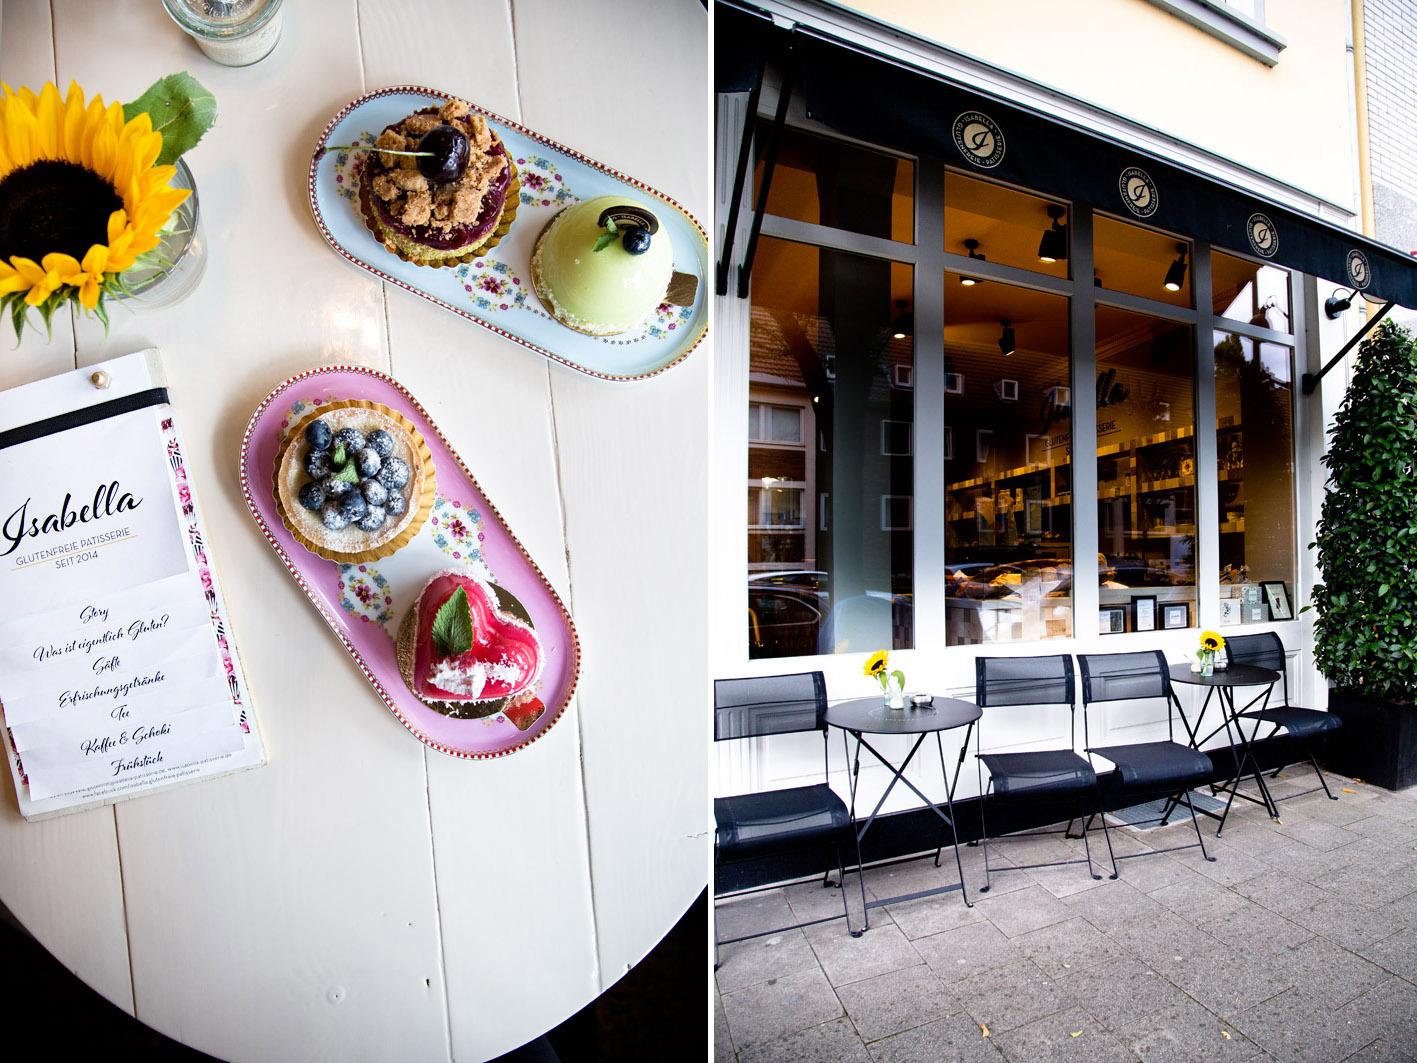 glutenfreie patisserie in düsseldorf